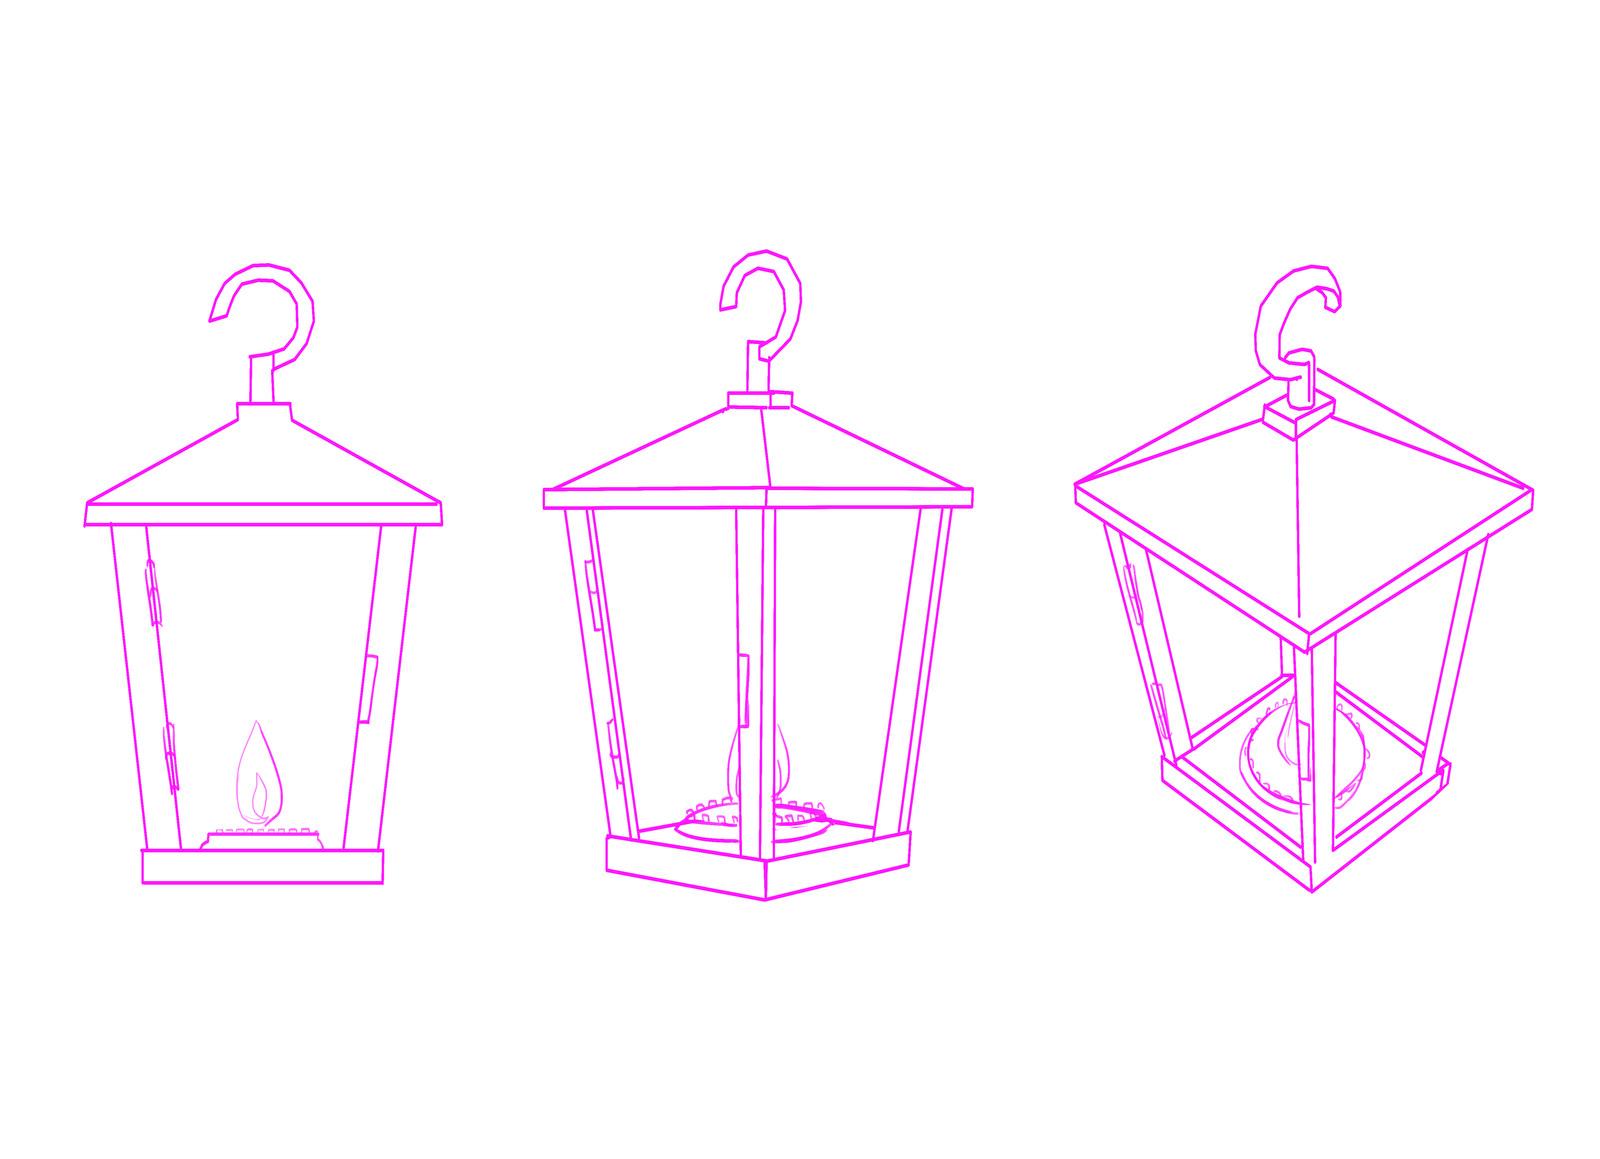 Prop - Nanu's lantern (process)